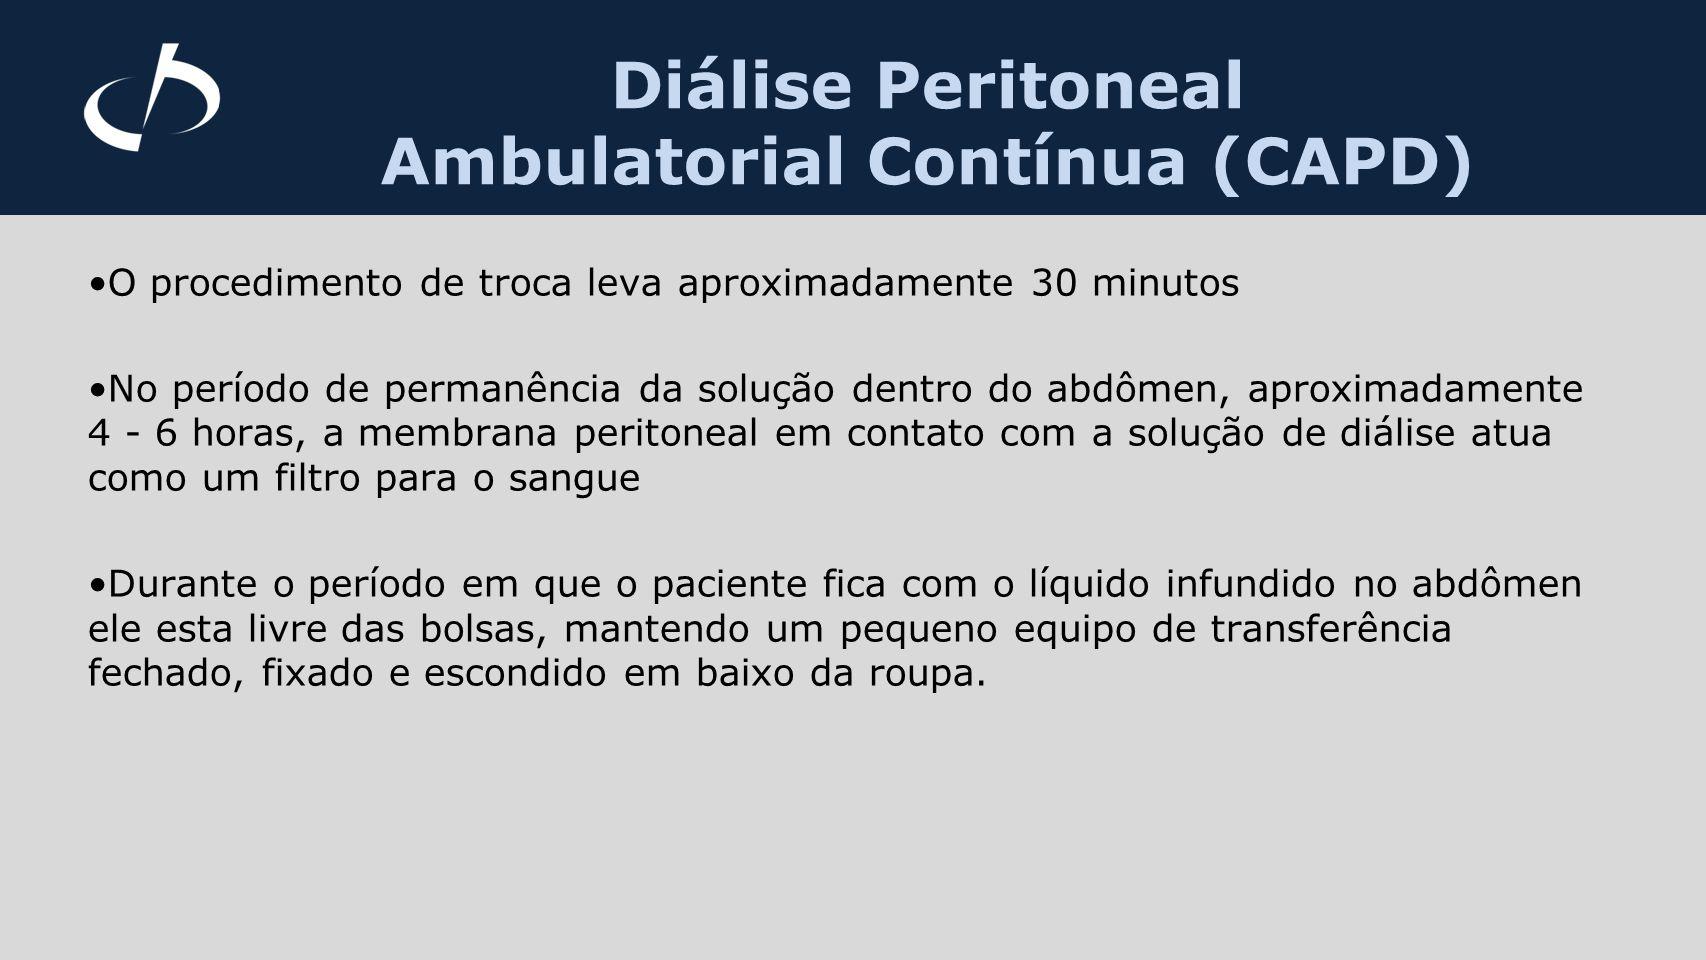 Diálise Peritoneal Automática (DPA) Essa diálise também é realizada através do peritônio.